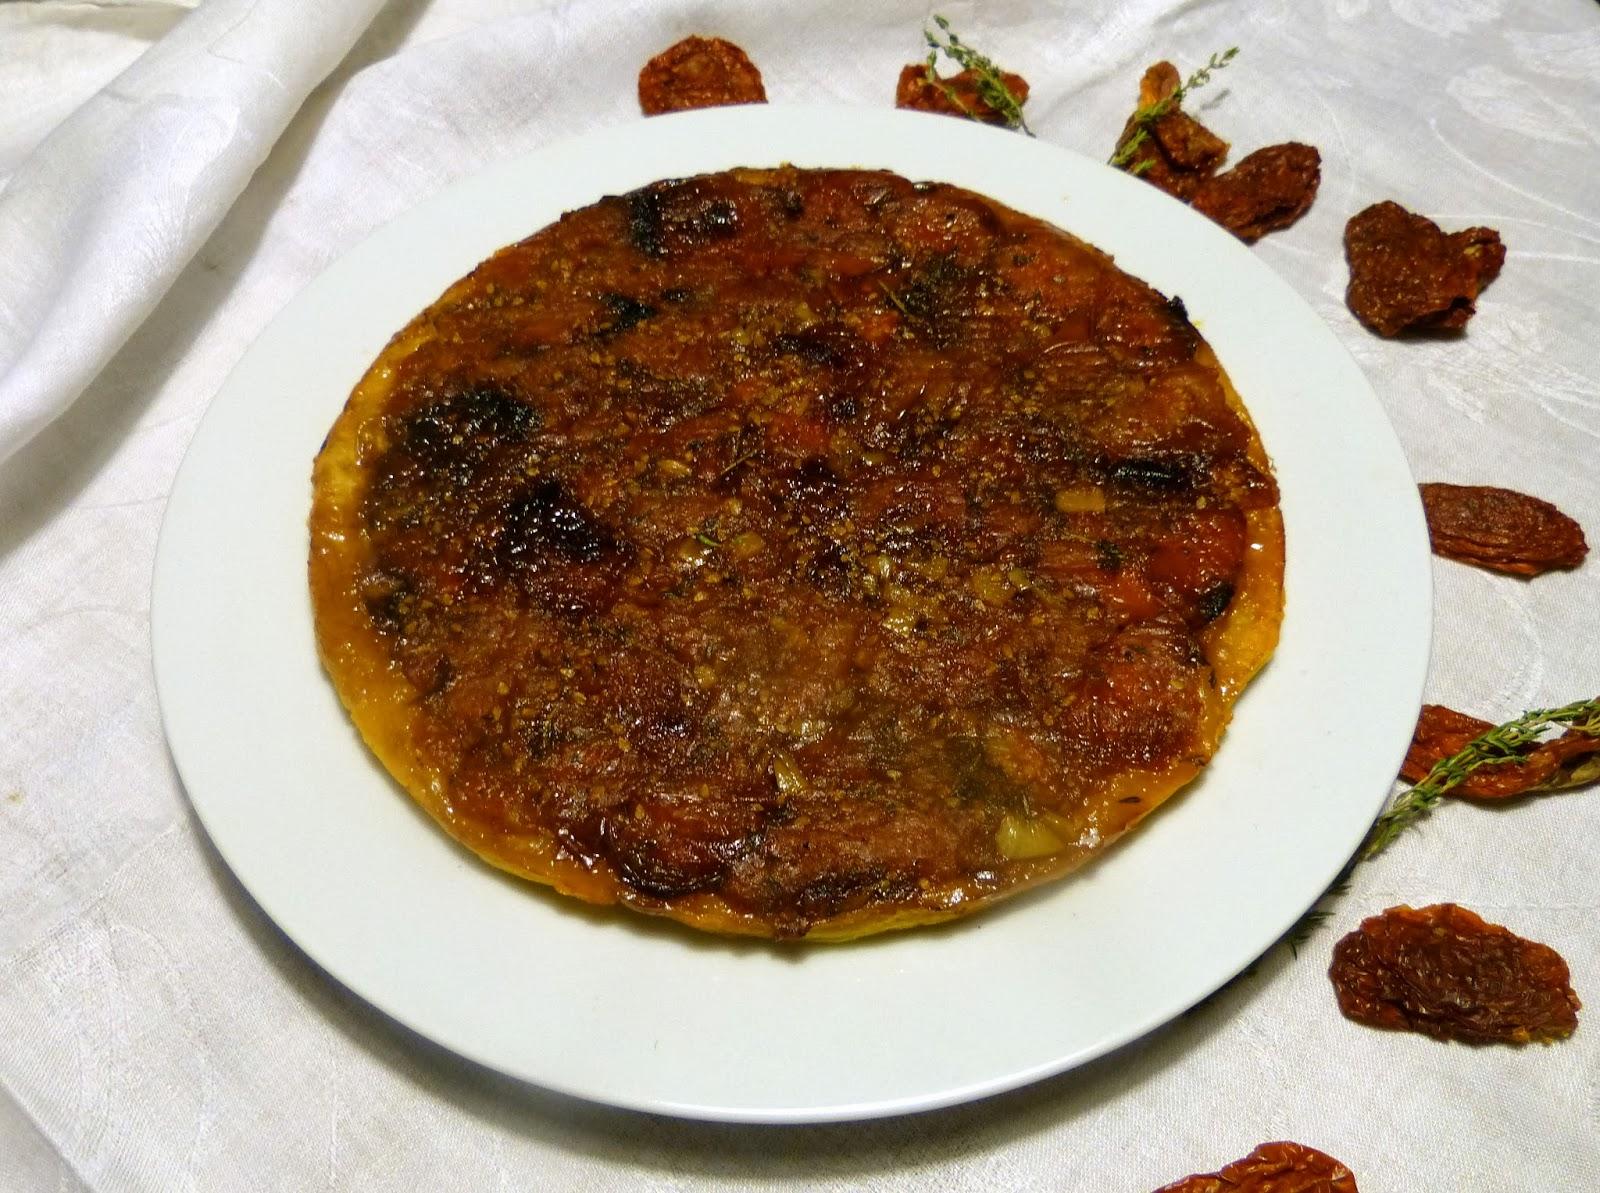 Tarte tatin s rajčaty: Francouzský slaný koláč